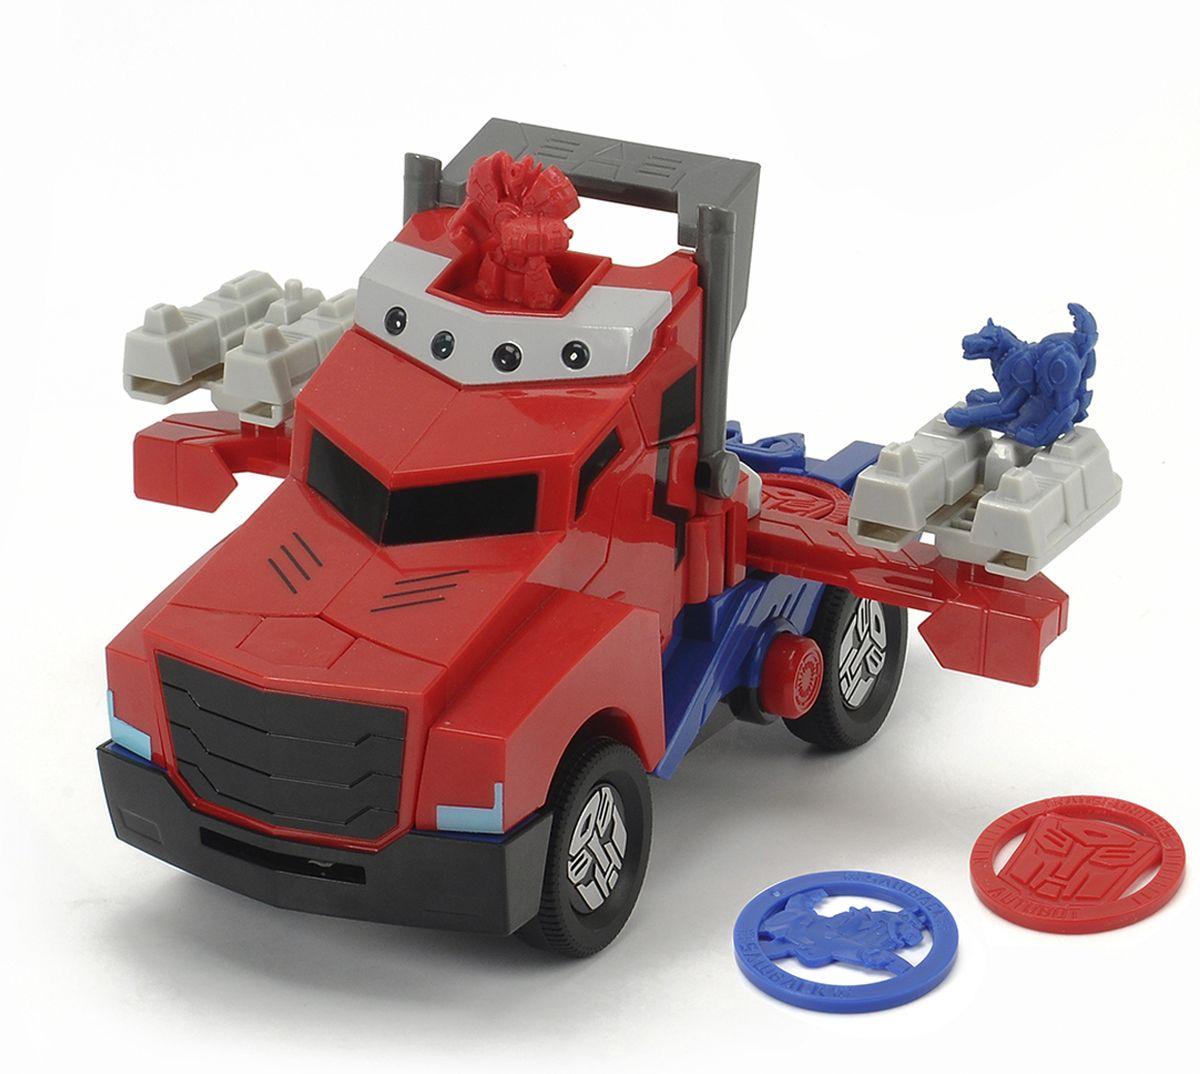 Dickie Toys Машинка-трансформер Боевой трейлер Optimus Prime3116003, 203116003Машинка-трансформер Dickie Toys Боевой трейлер Optimus Prime надолго займет внимание вашего ребенка. Optimus Prime - это один из главных героев мультфильма Трансформеры. Игрушка выполнена из яркого и прочного пластика в виде боевого трейлера. Игрушка снабжена яркой подсветкой и может воспроизводить звуки выстрелов. Колесные диски украшены логотипом автоботов. Боевой трейлер Optimus Prime имеет в комплекте две фигурки и четыре диска для стрельбы. Оптимус прайм всегда готов к бою. Одним движением обычный трейлер превращается в боевую машину. Дисками можно стрелять как из боковых стоек с помощью удара пальца, так и спереди, нажав кнопку. Эта игрушка непременно понравится вашему малышу. Порадуйте его таким замечательным подарком! Рекомендуется докупить 3 батарейки типа ААА напряжением 1,5V (комплектуется демонстрационными).